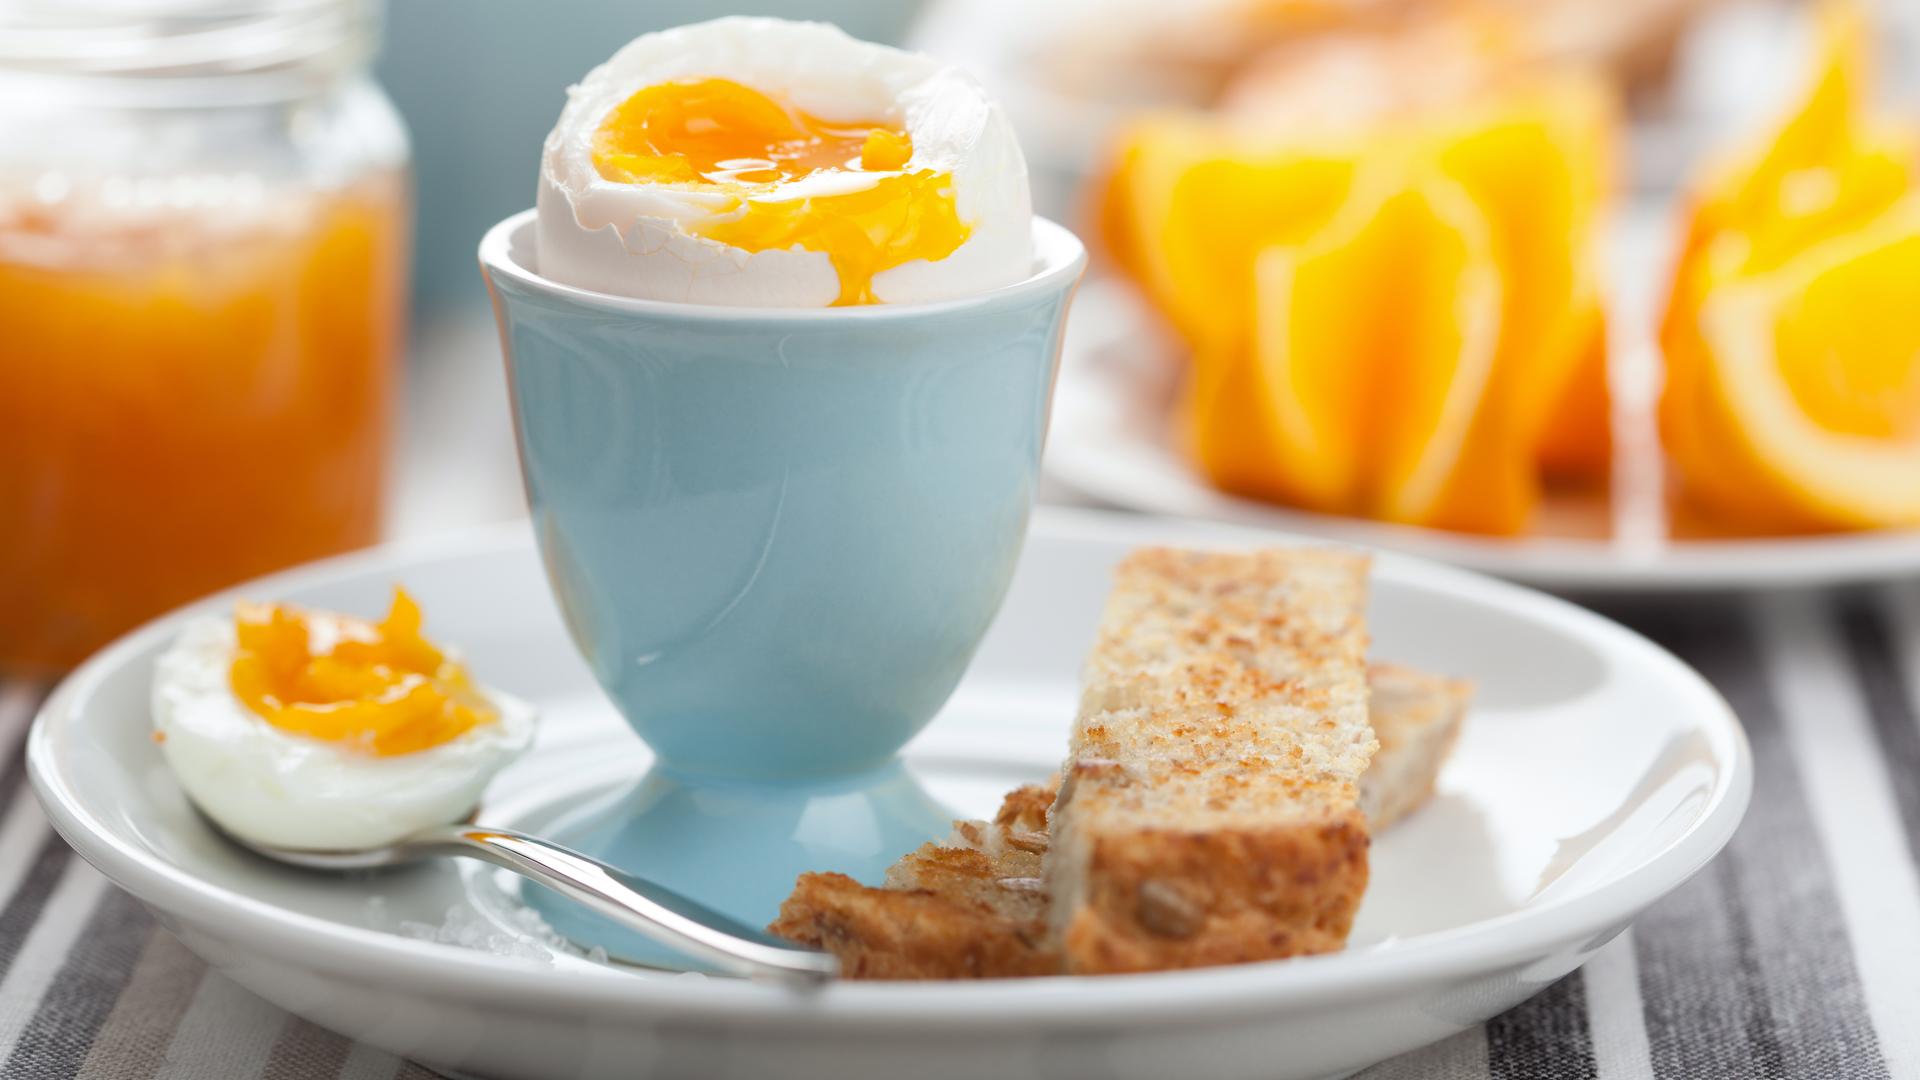 diseño de desayuno saludable